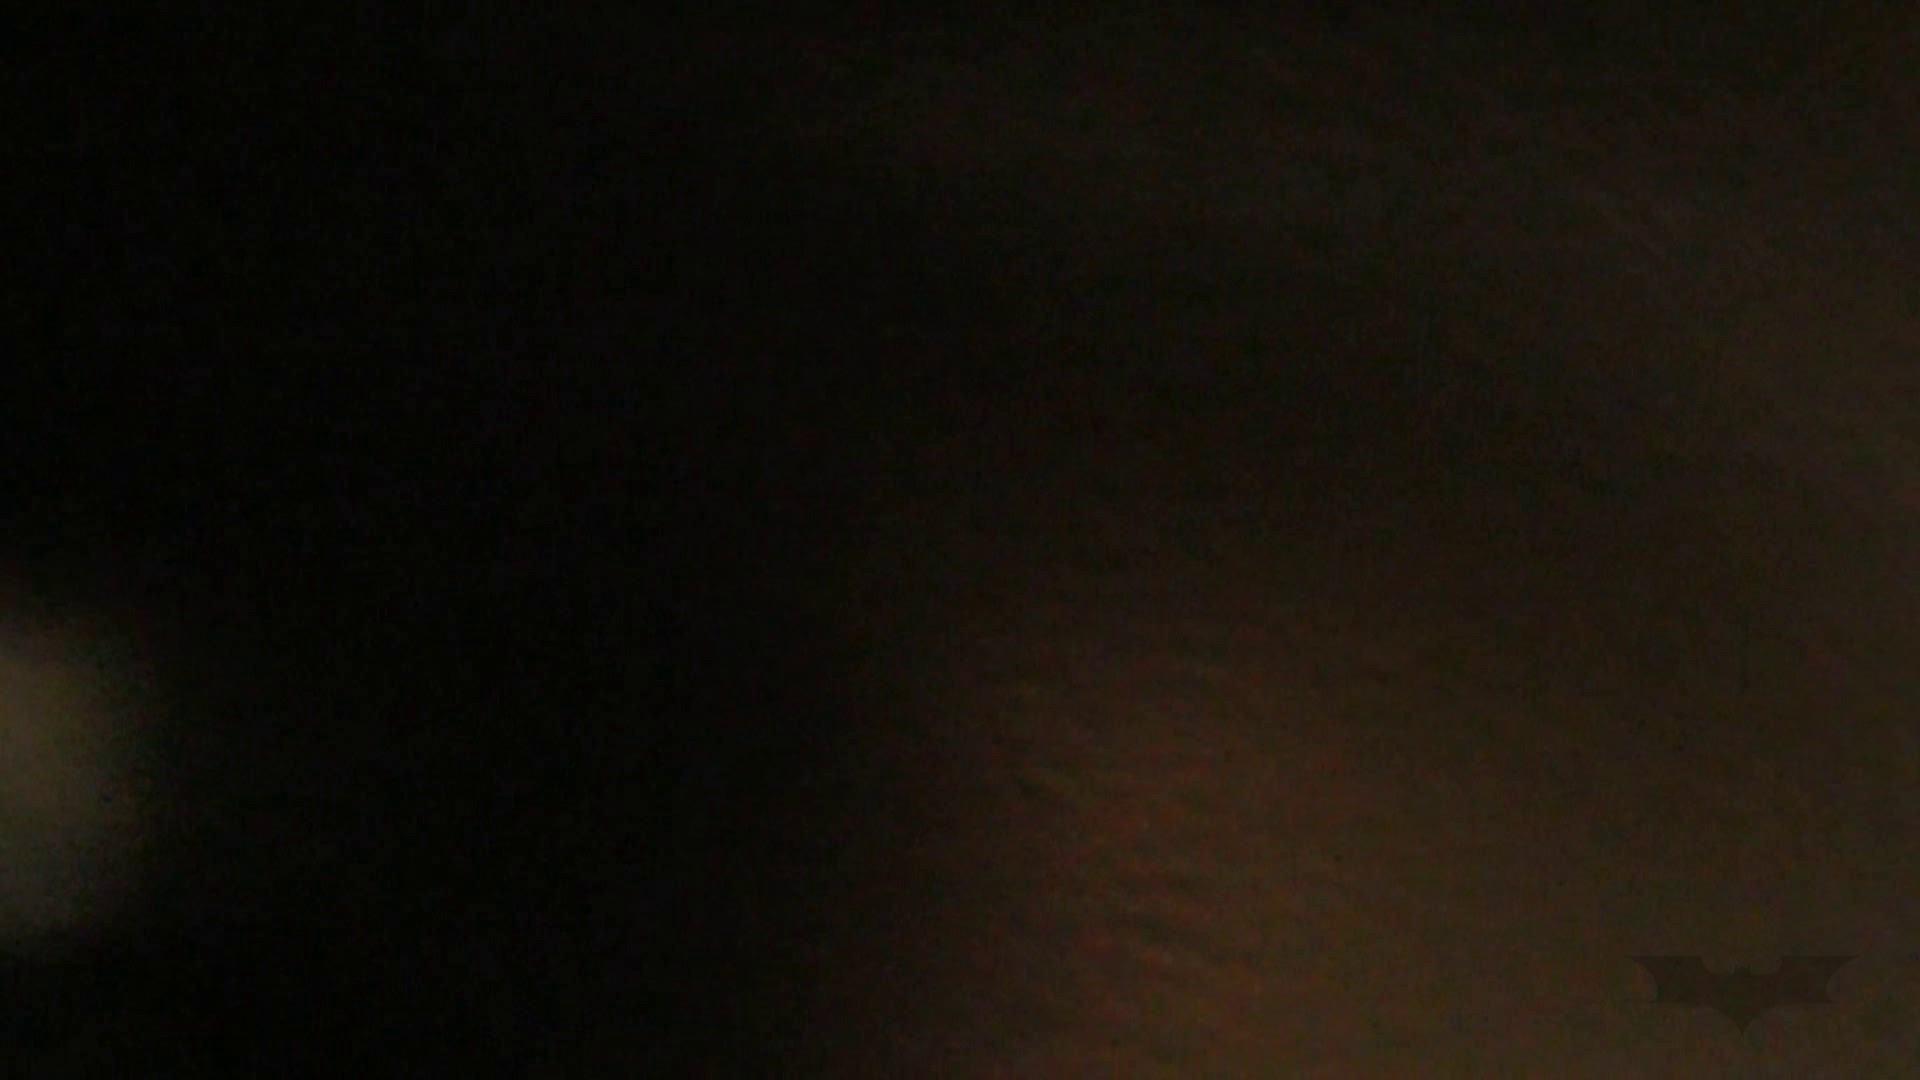 悪戯ネットカフェ Vol13 中編 イジっていたら準備ができたみたいっ! 潜入 オマンコ無修正動画無料 61pic 53